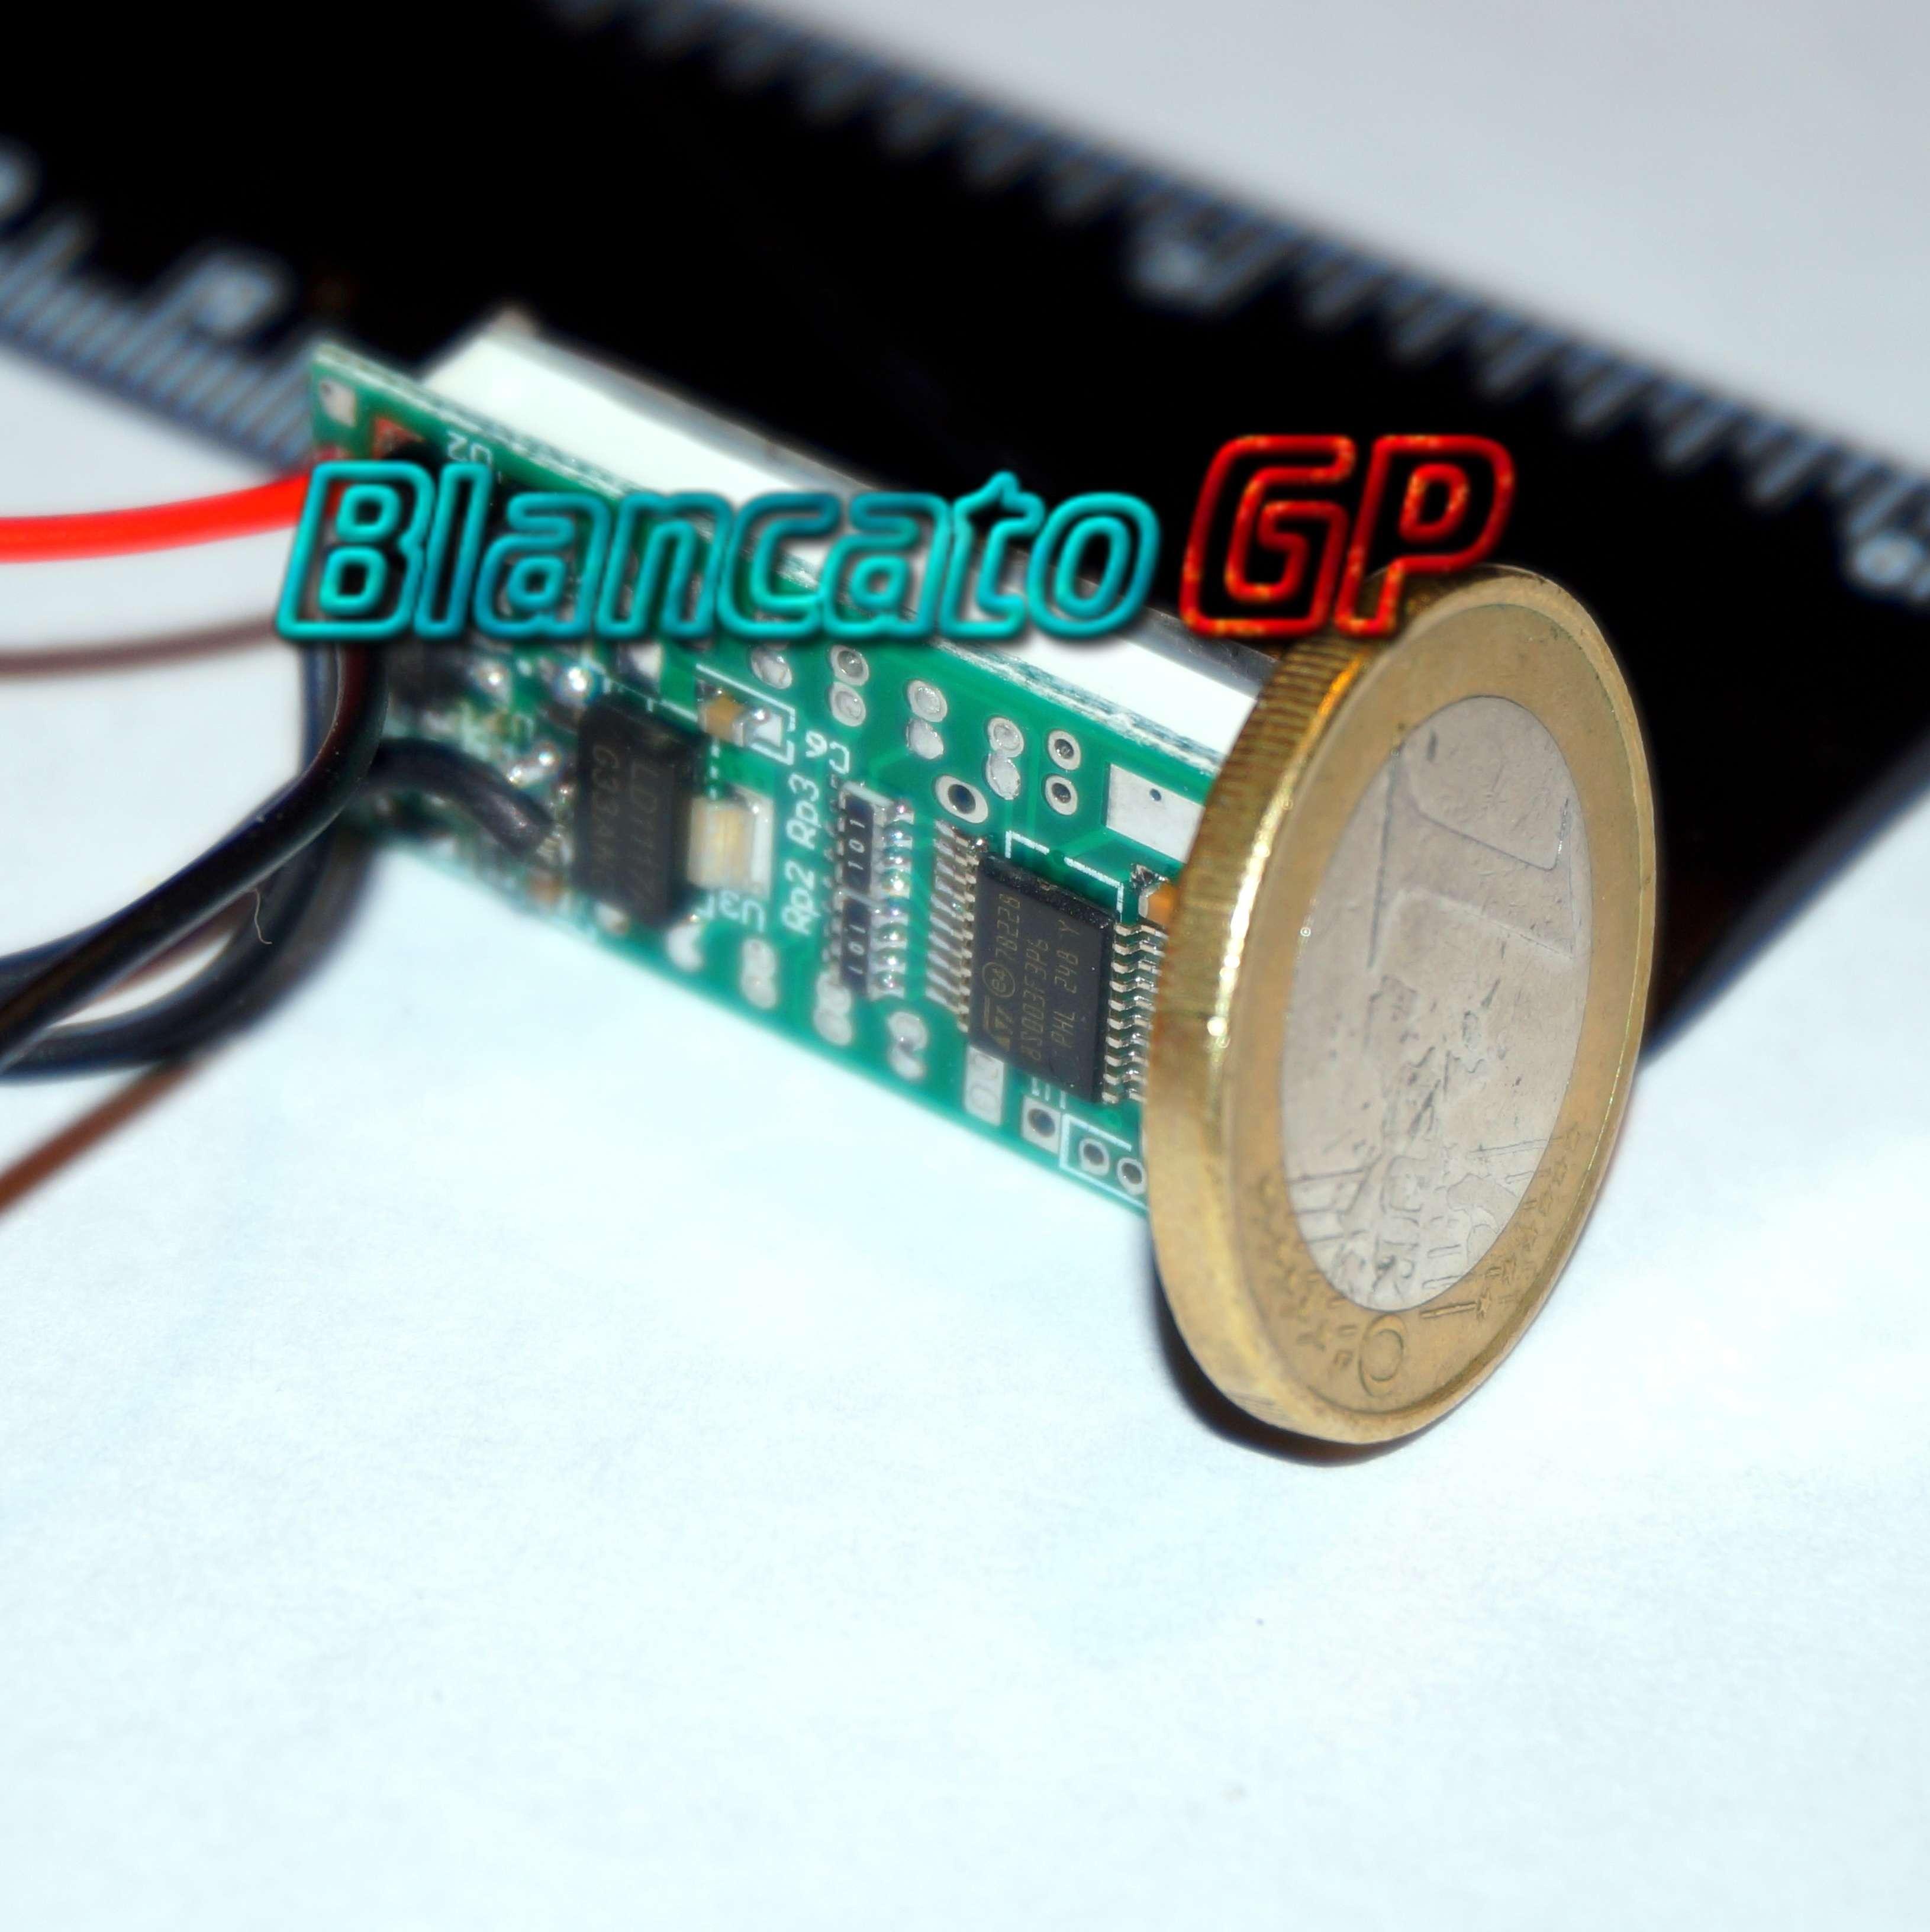 micro termometro ntc termistore blancatogp blancato